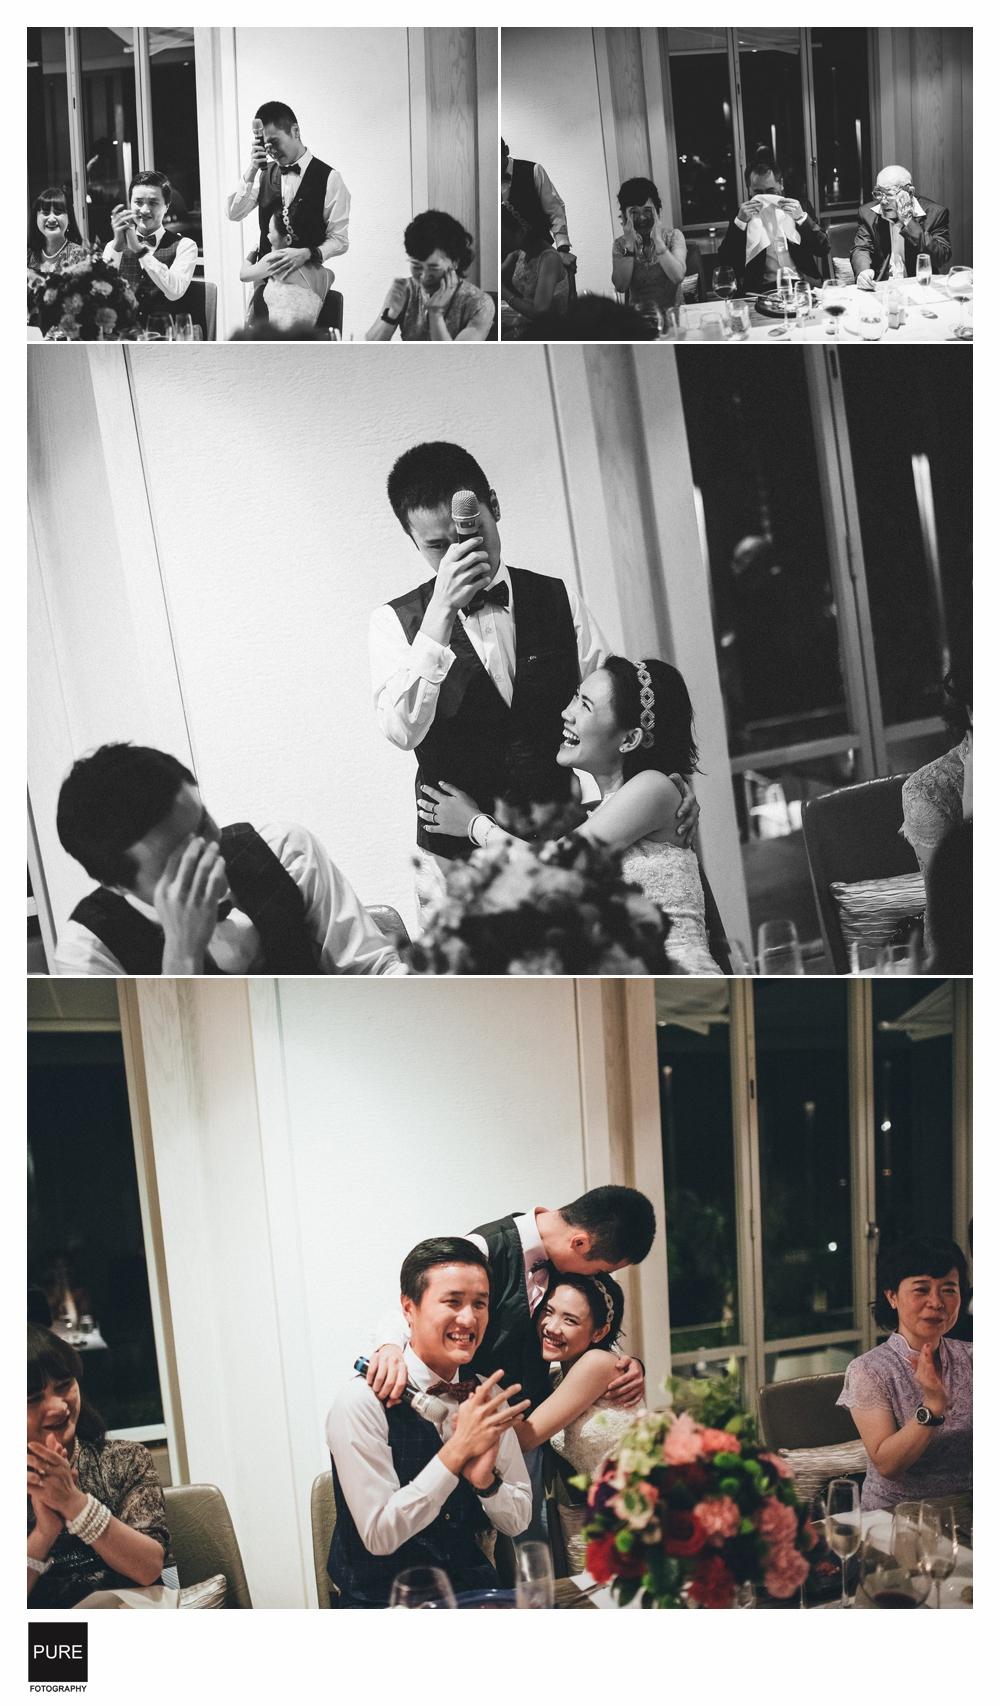 PUREFOTO_台灣婚禮平面攝影wedding_墾丁婚禮攝影PUREFOTO